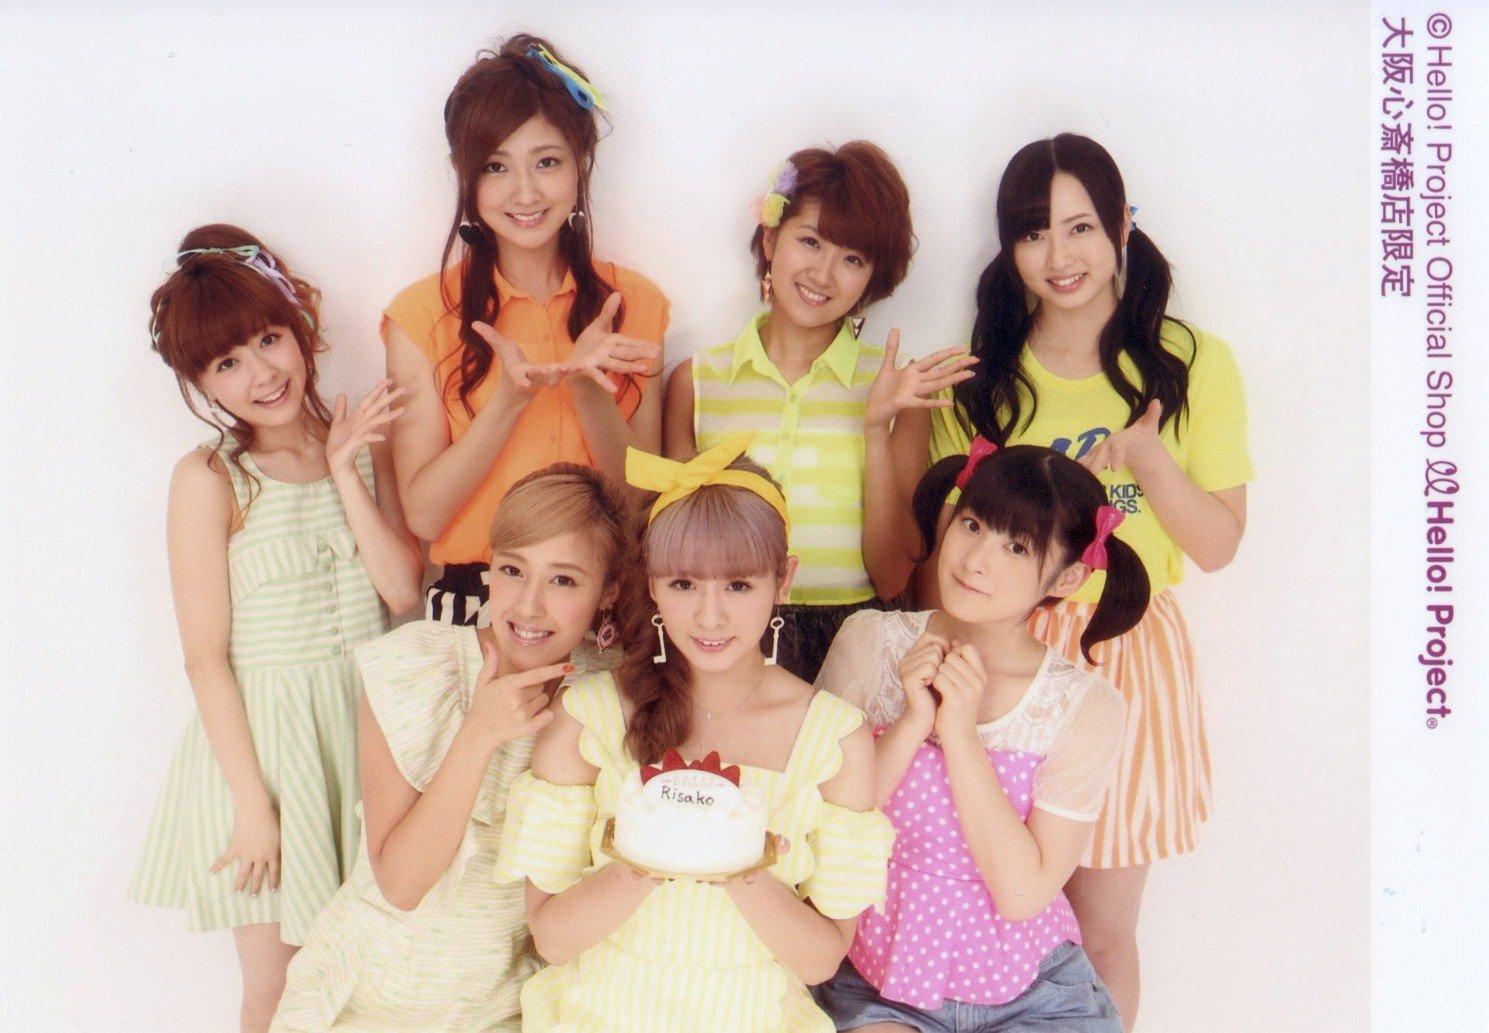 Un nouveau Single pour les Berryz Kobo en Octobre!